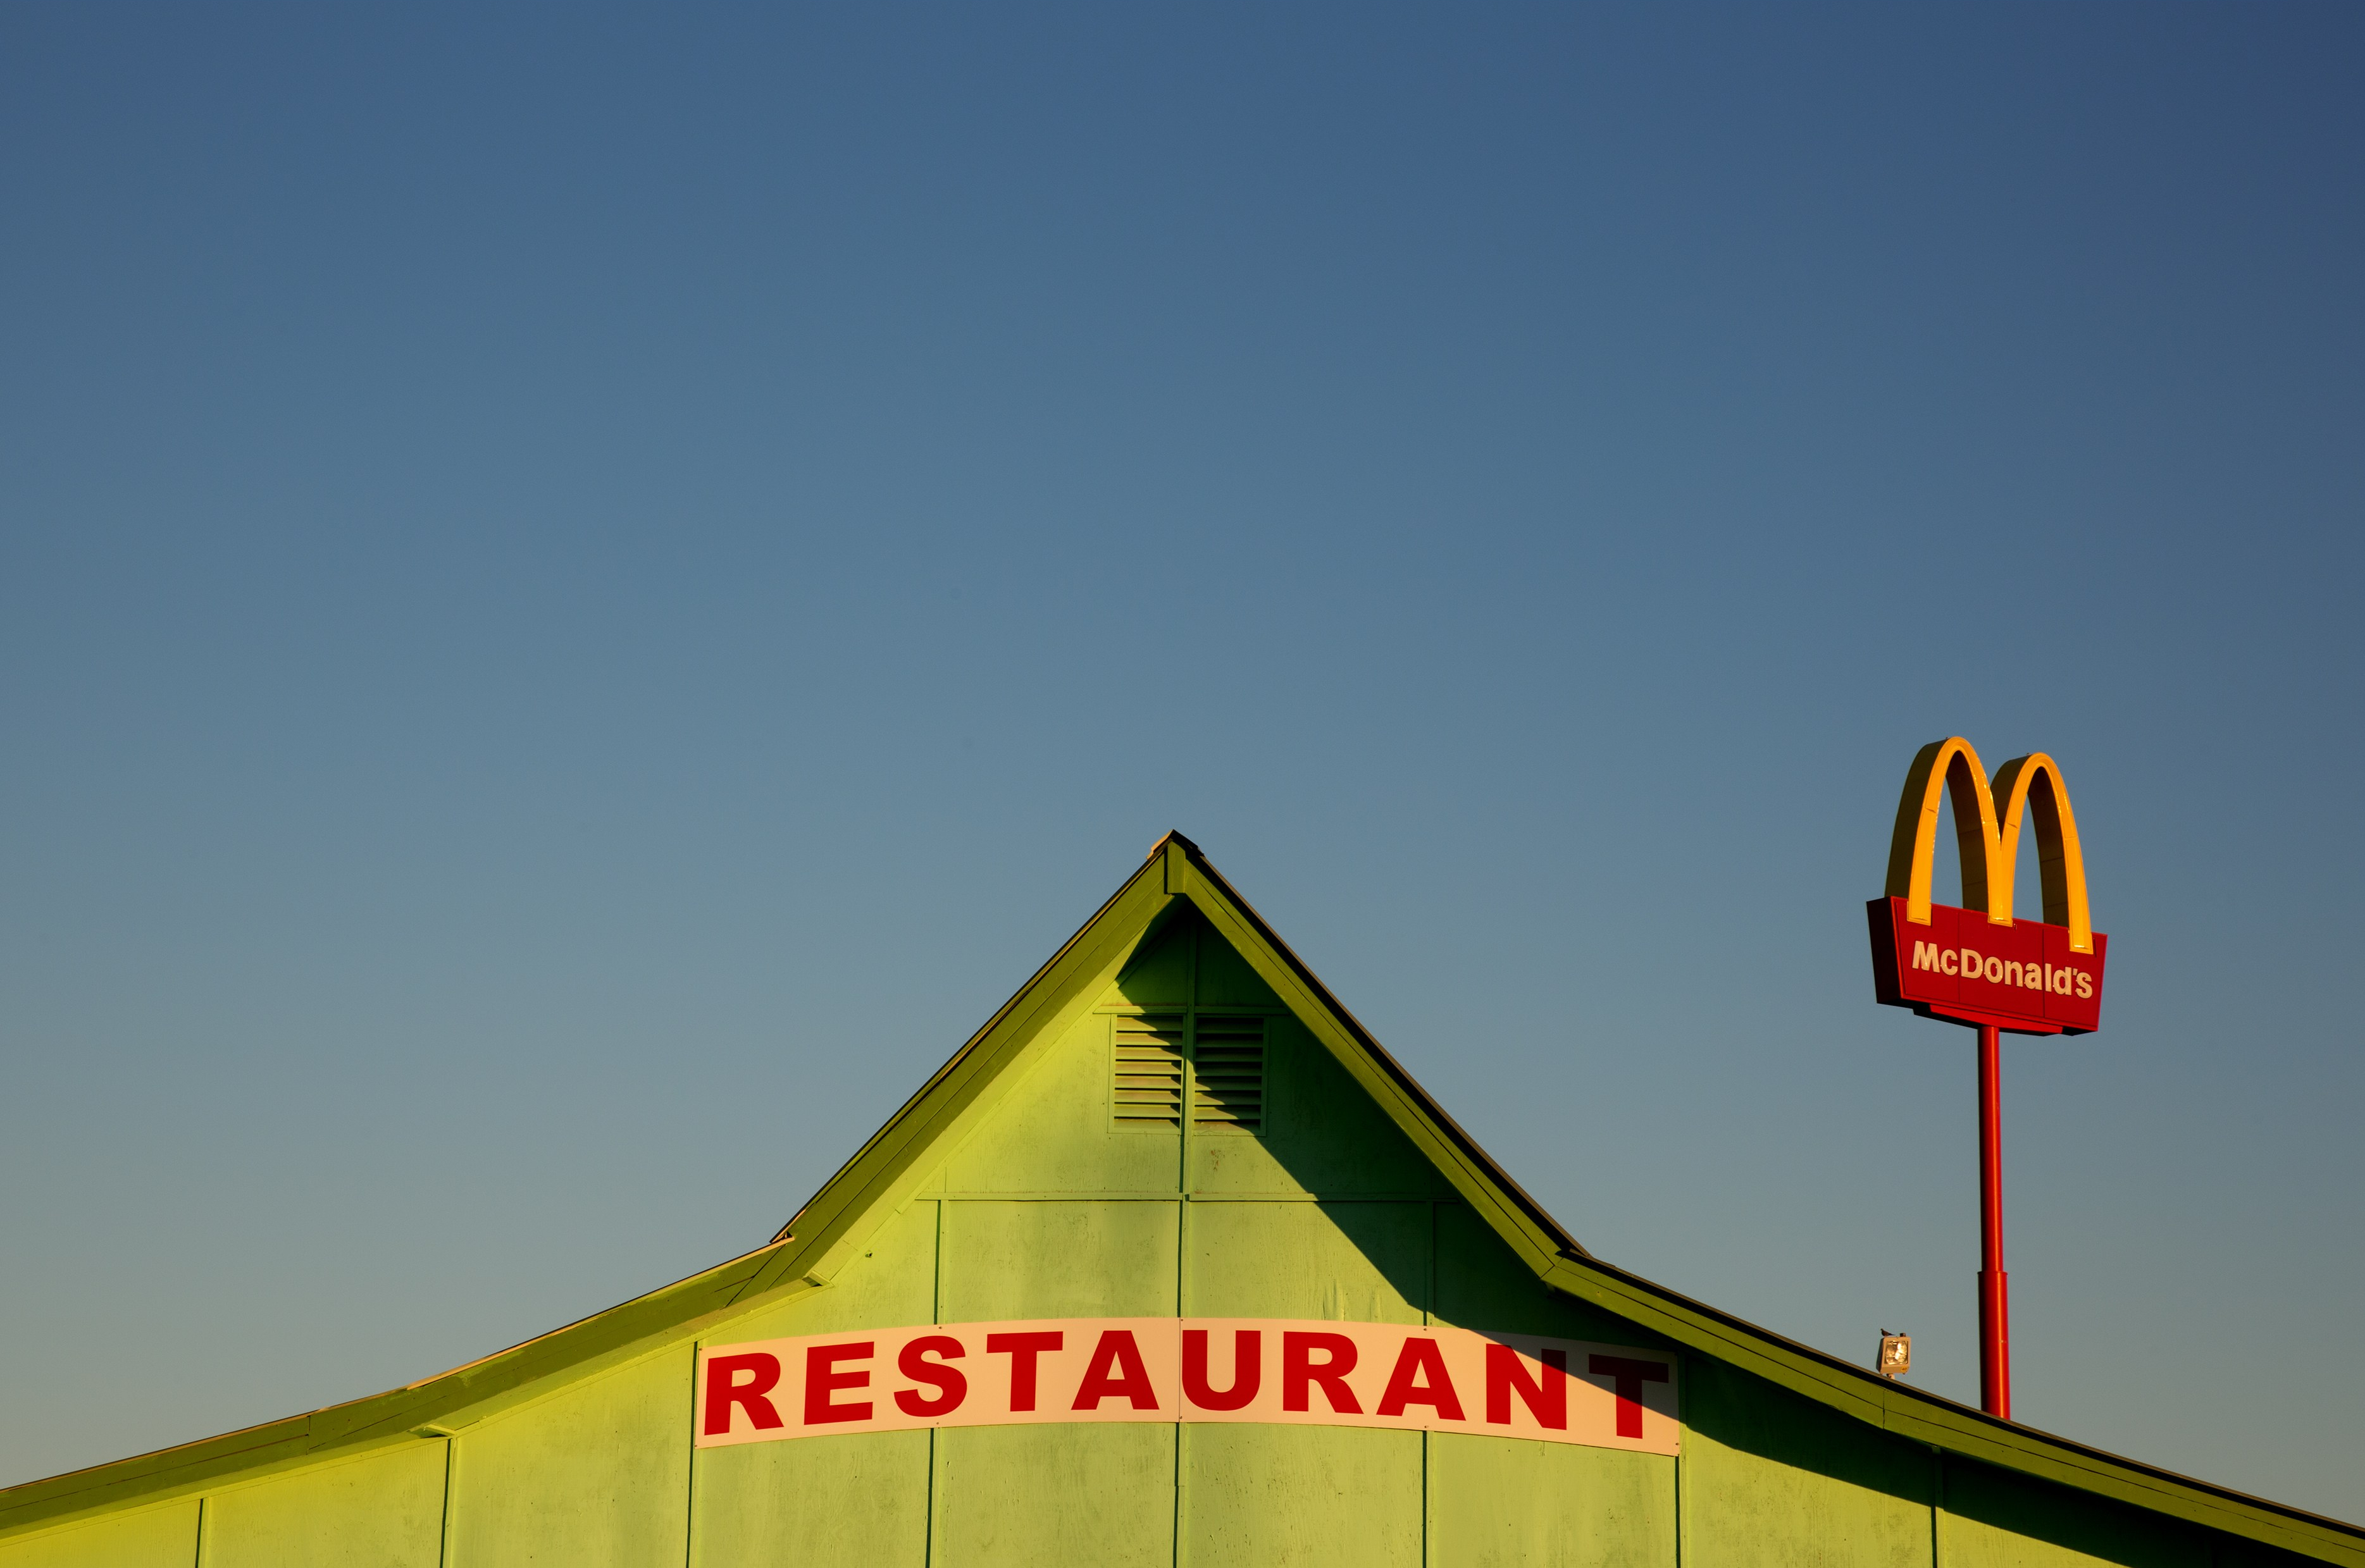 restaurant sign in Quartsite, copyright Diana Koenigsberg 2020